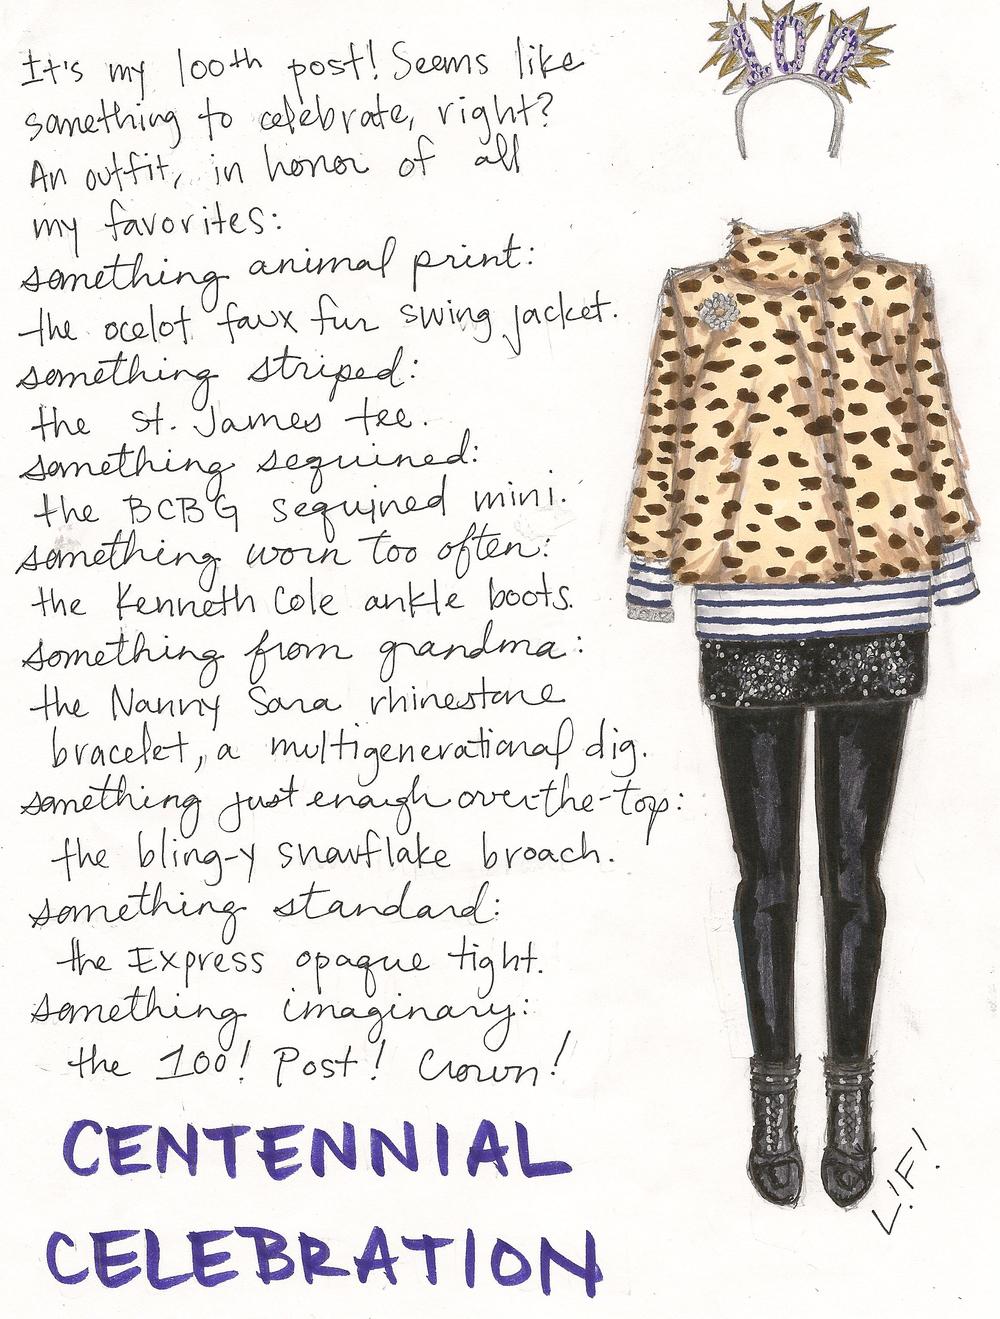 centennialcelebration.jpg